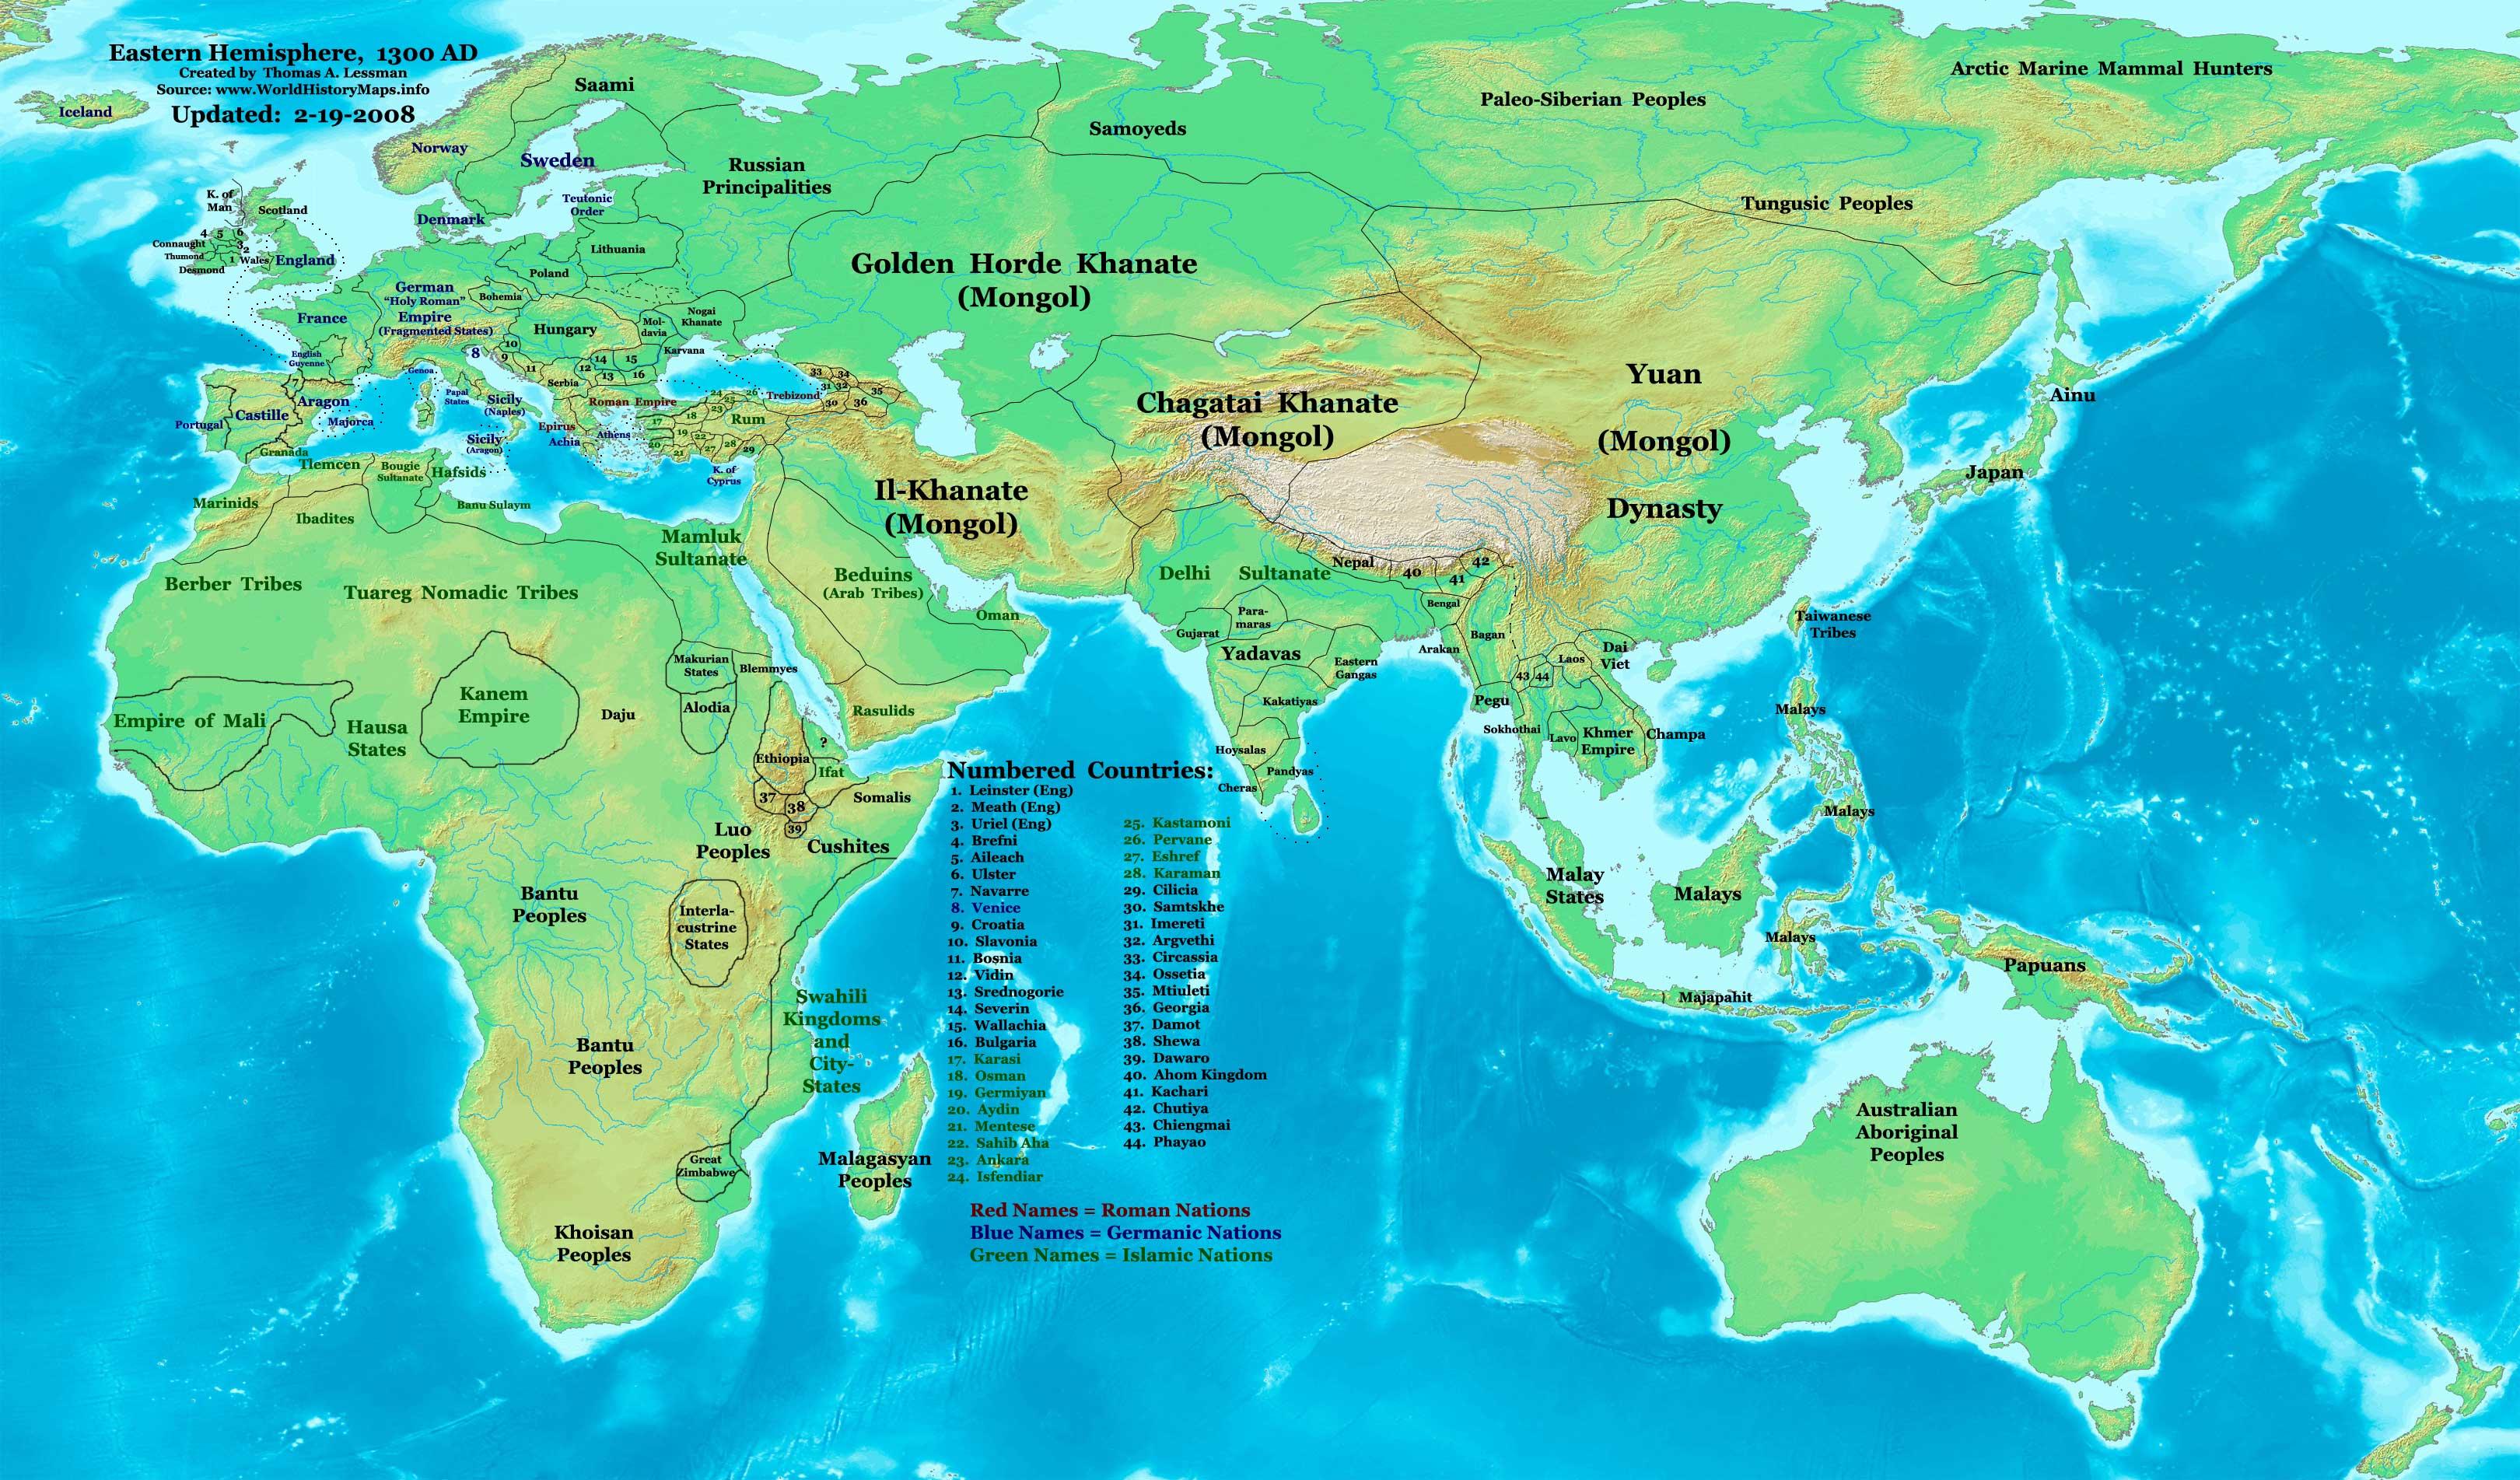 http://worldhistorymaps.info/images/East-Hem_1300ad.jpg